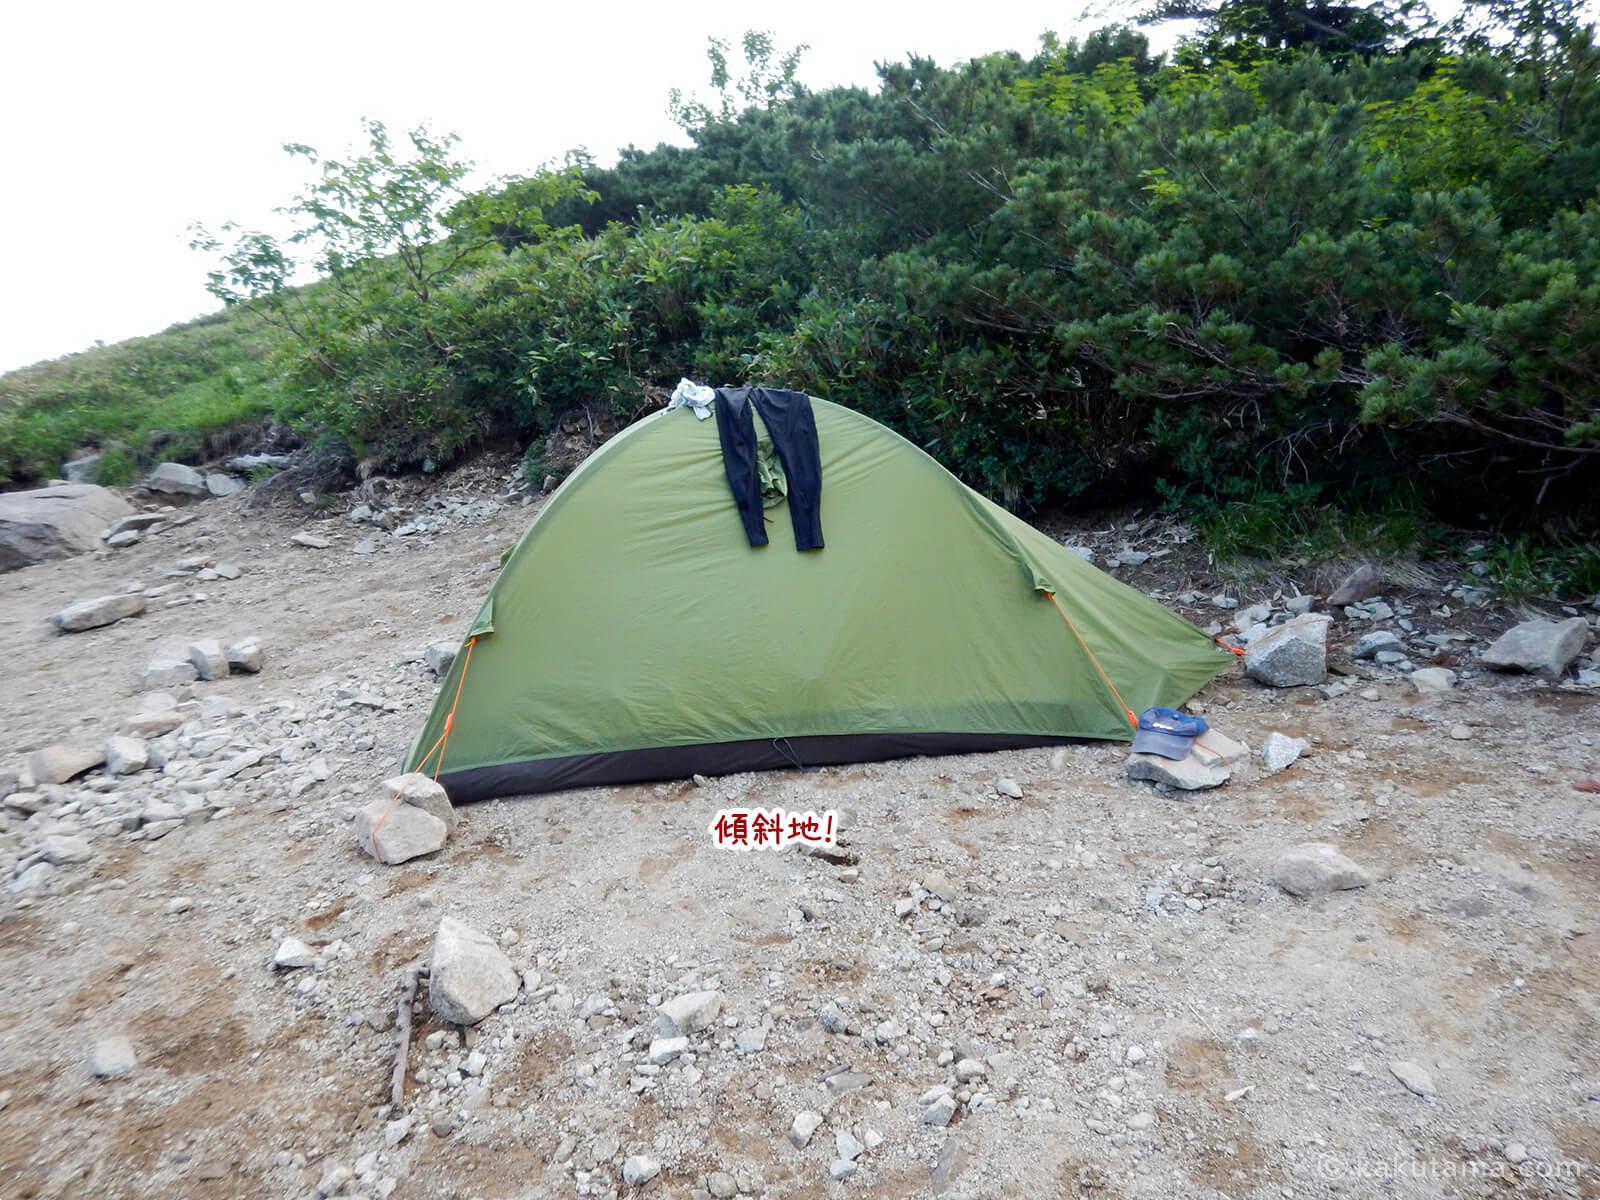 薬師峠キャンプ場のテント3